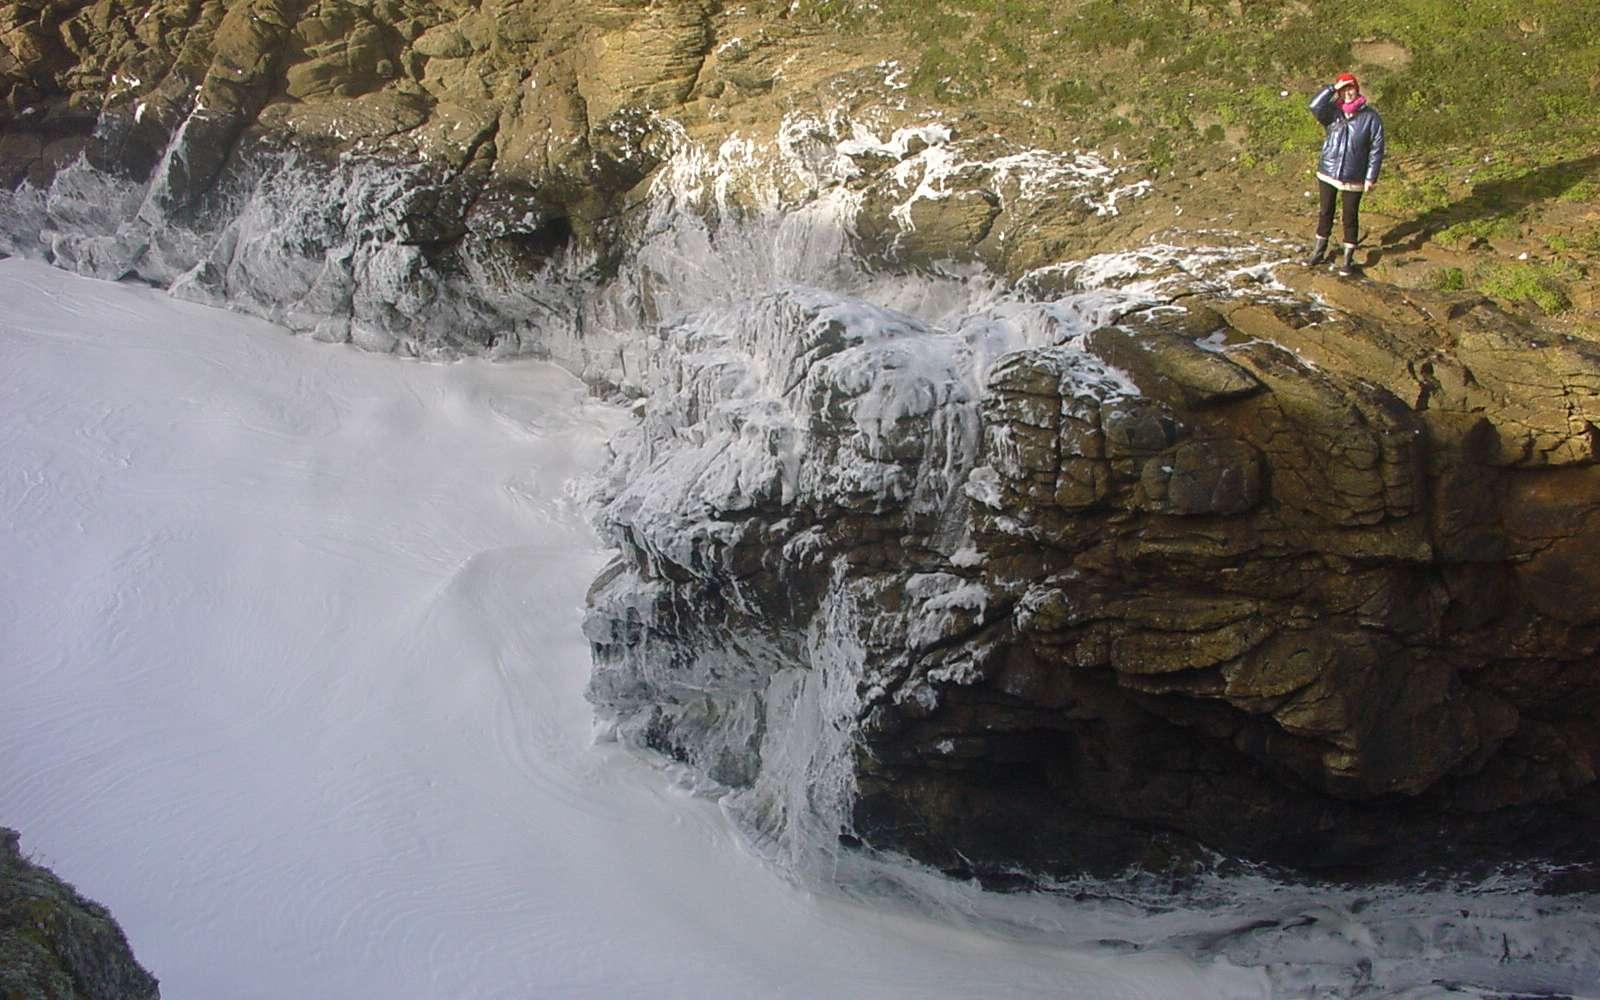 Sur la côte sauvage du Morbihan, de l'écume est rebattue durant des heures et prend la consistance d'un œuf battu en neige. C'est le phénomène que l'on appelle « l'écume de mai ». © Lamiot, Wickipedia, CC by-SA 3.0